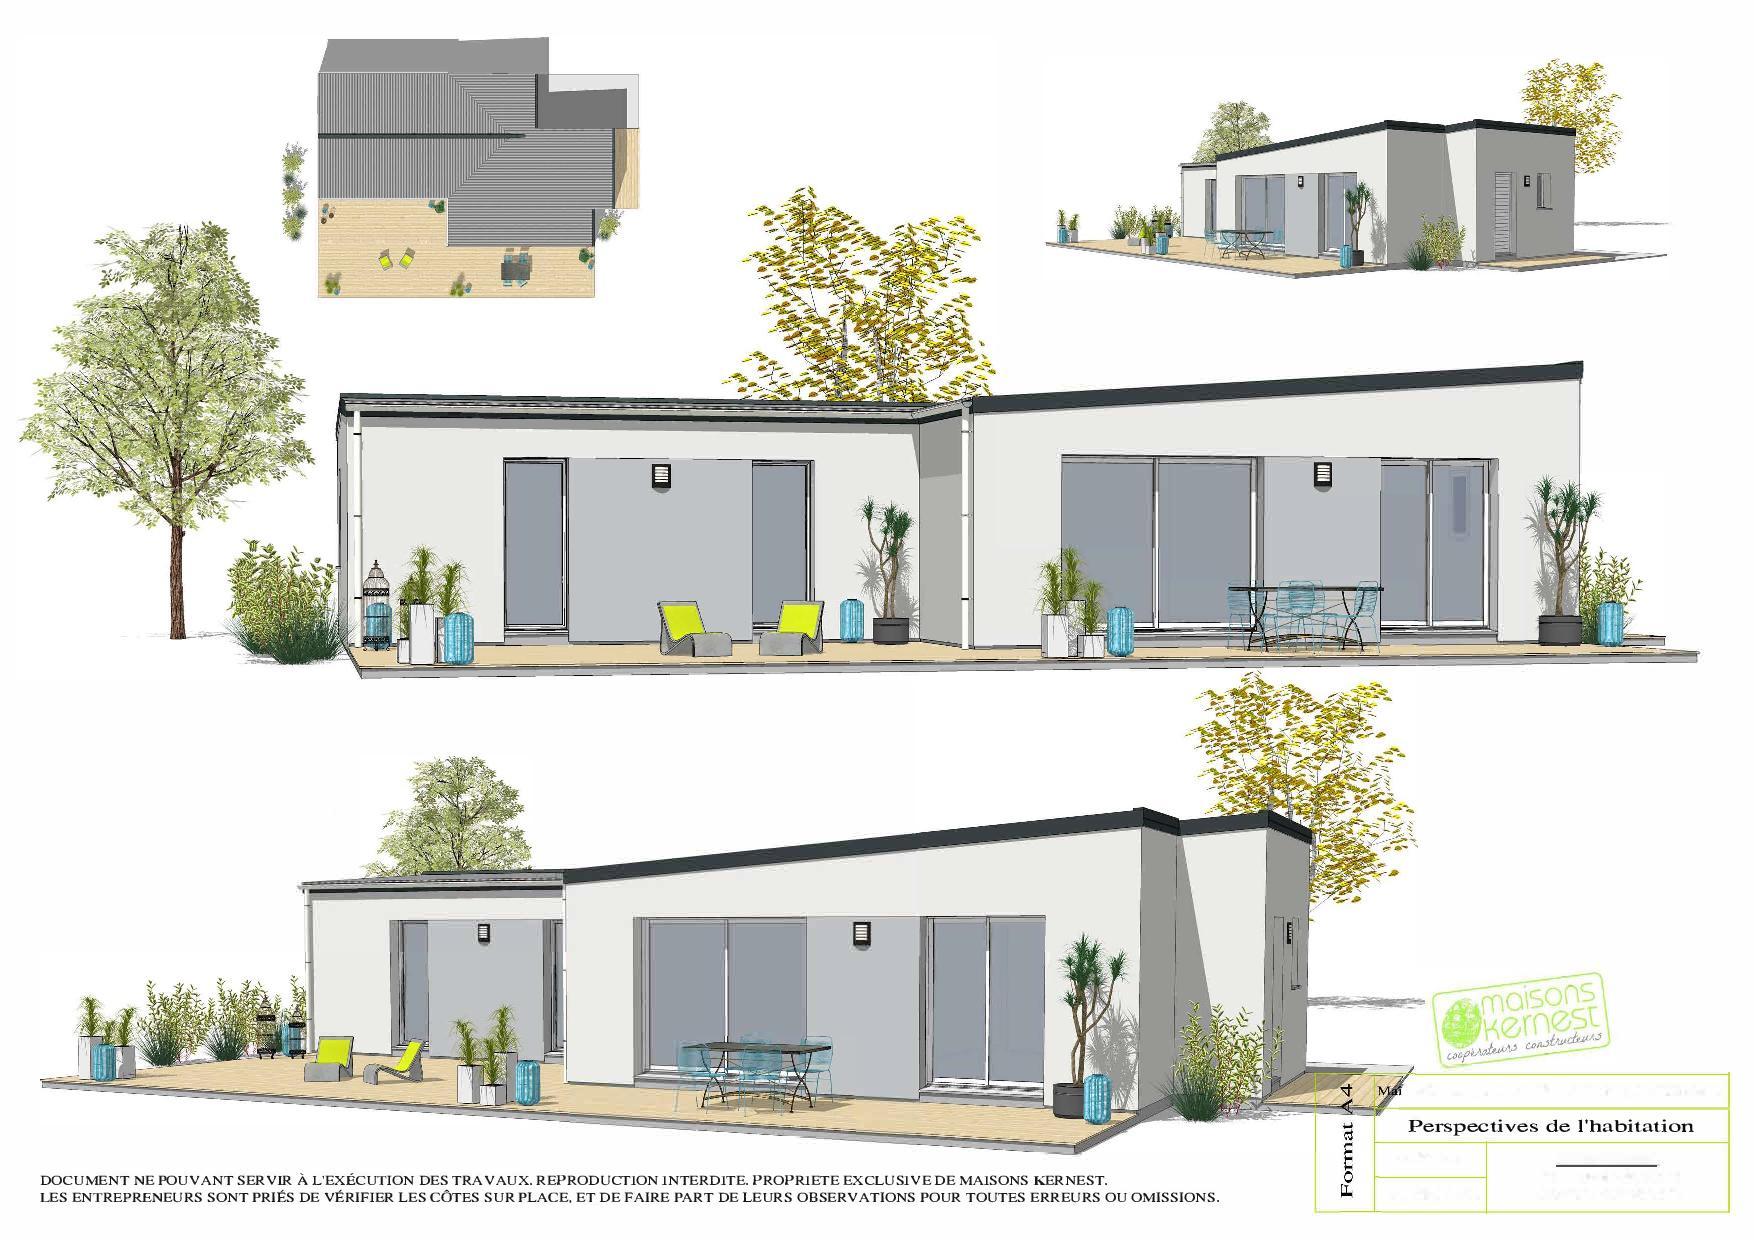 Maisons Kernest votre constructeur maison nantes 44000